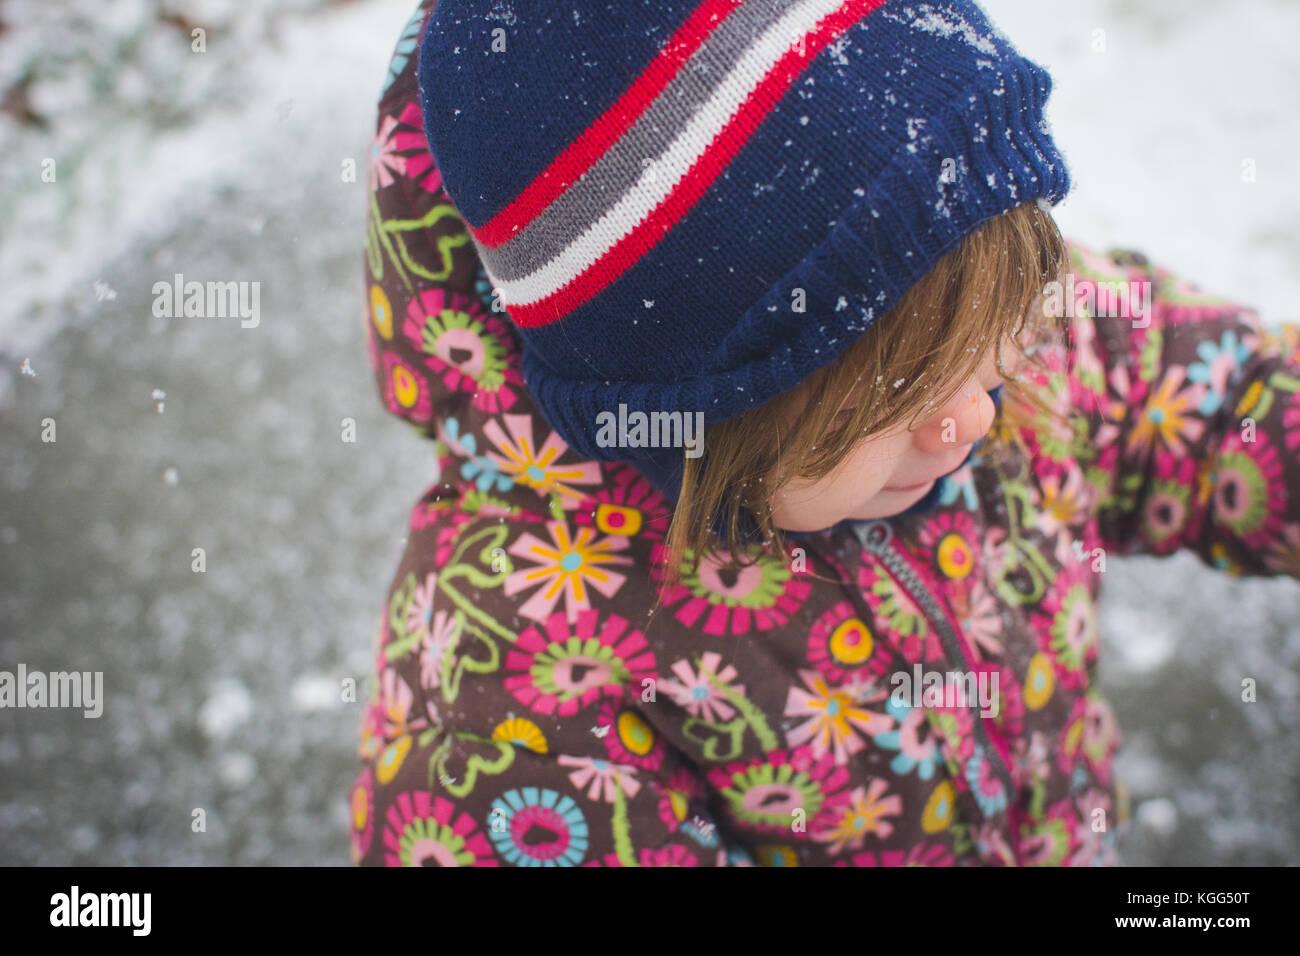 Un bimbo sta al di fuori di indossare abbigliamento invernale con neve intorno a lei. Immagini Stock